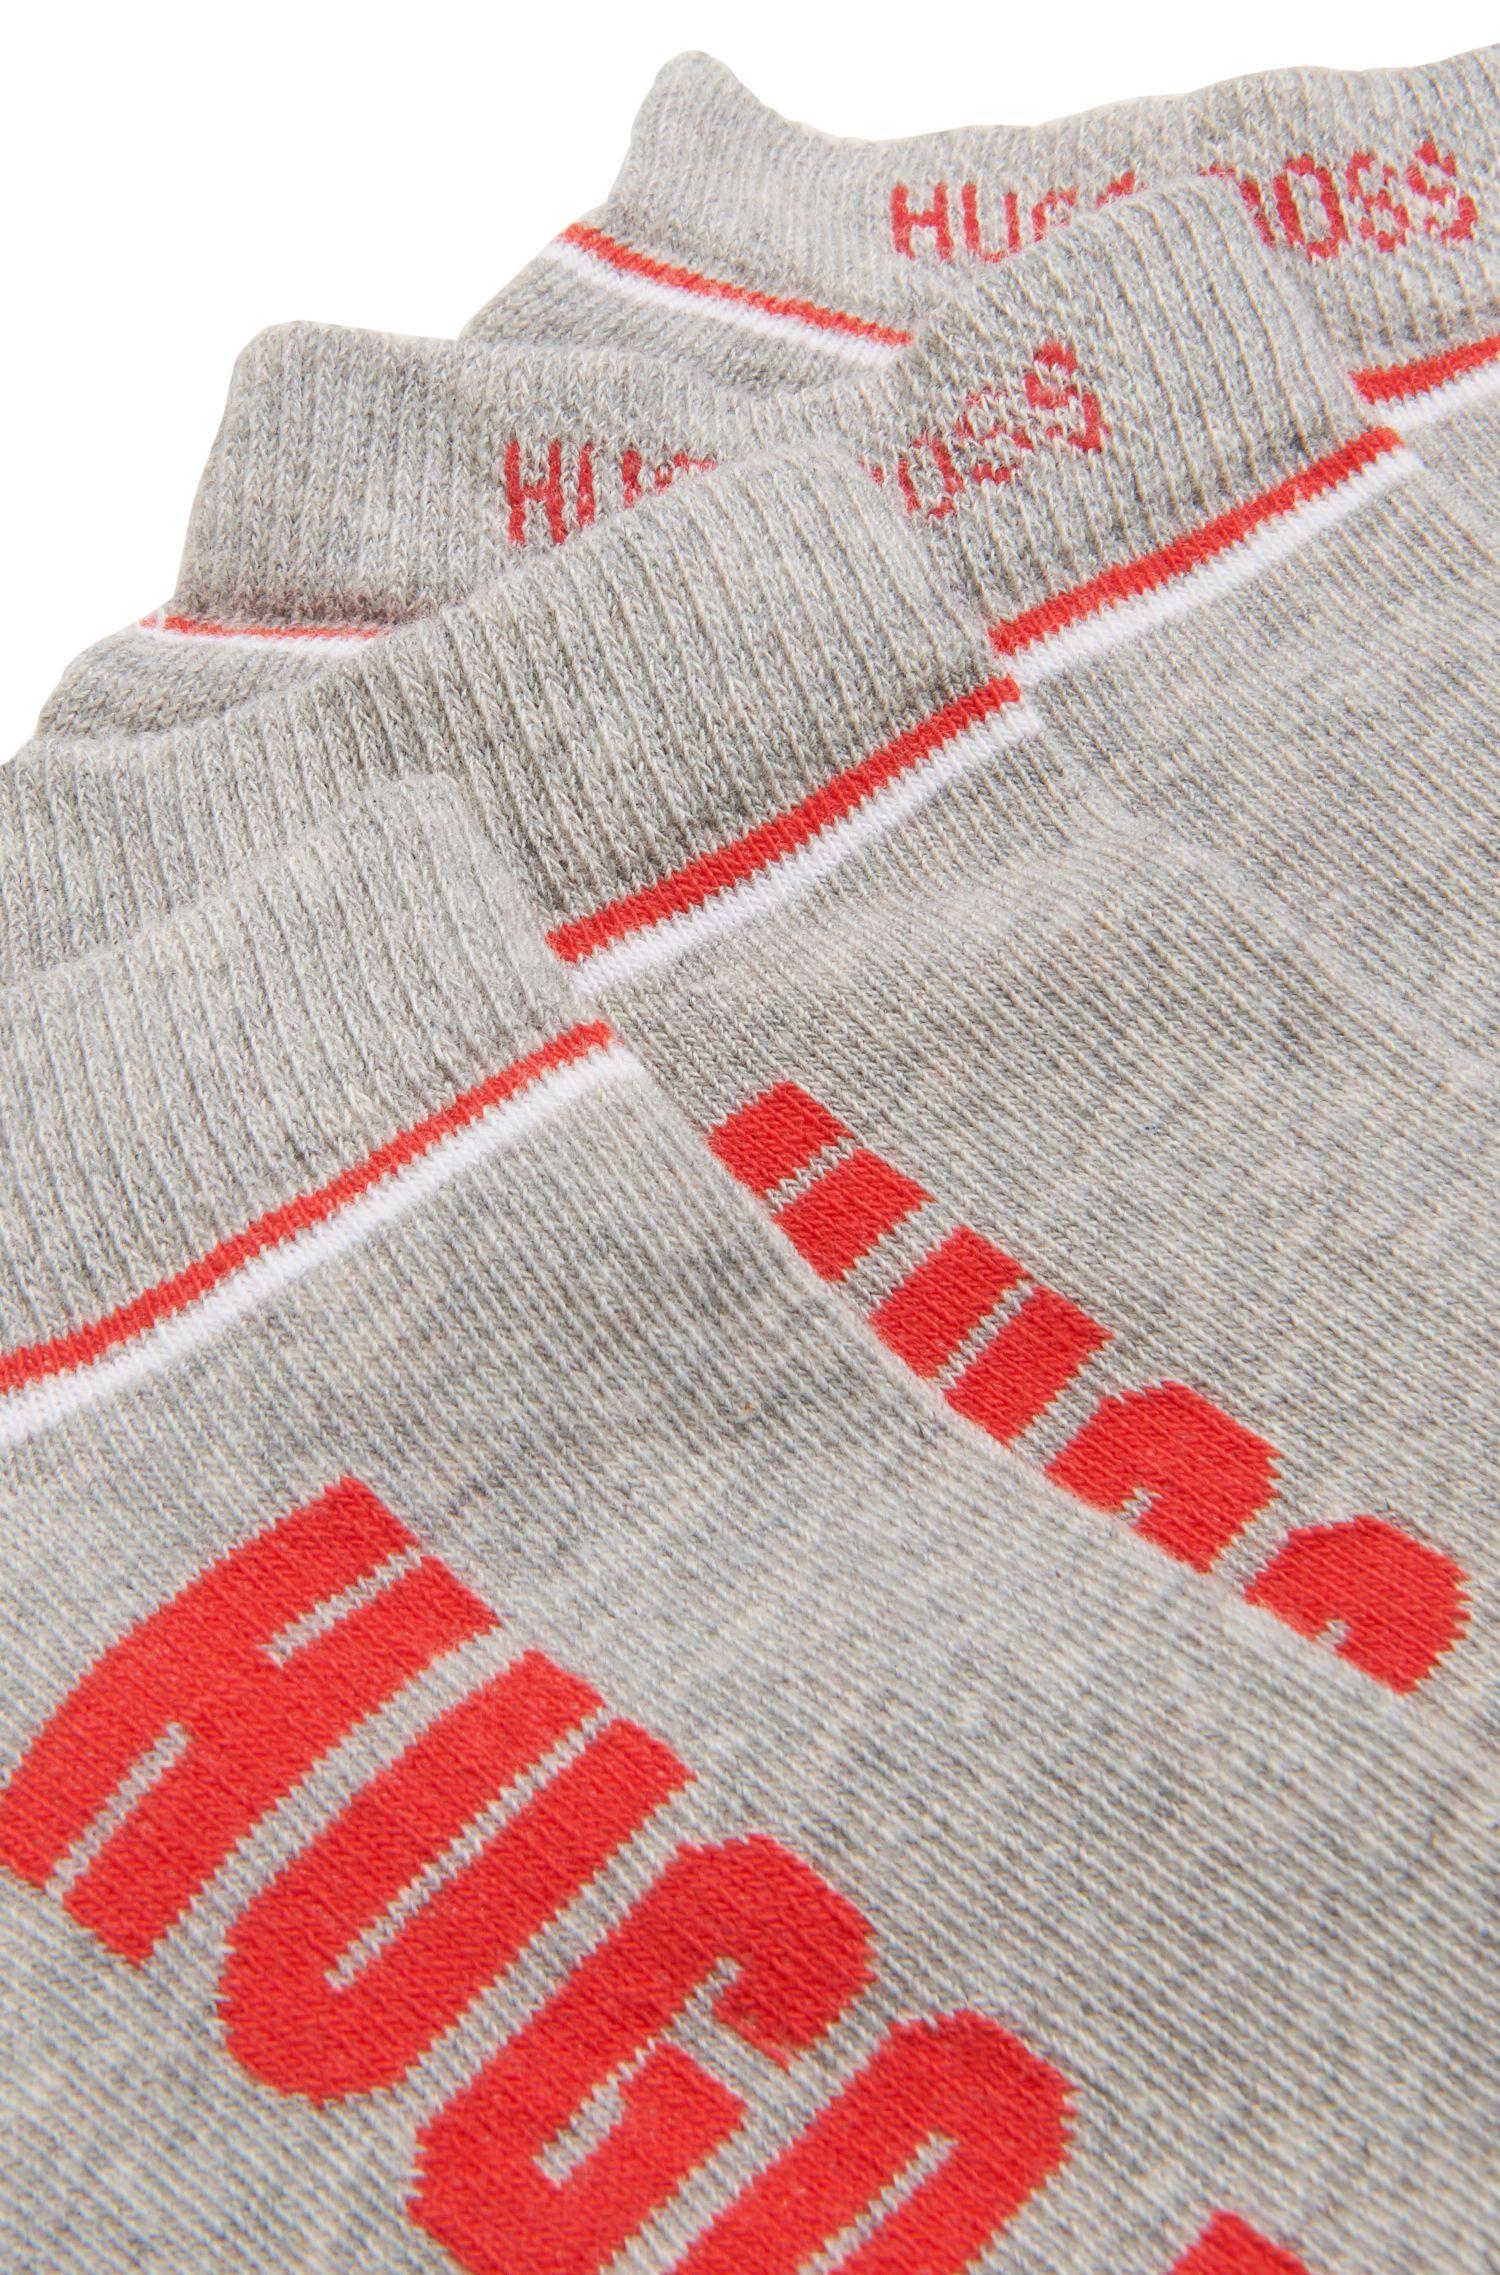 Zweier-Pack Sneaker-Socken aus Baumwoll-Mix mit Streifen